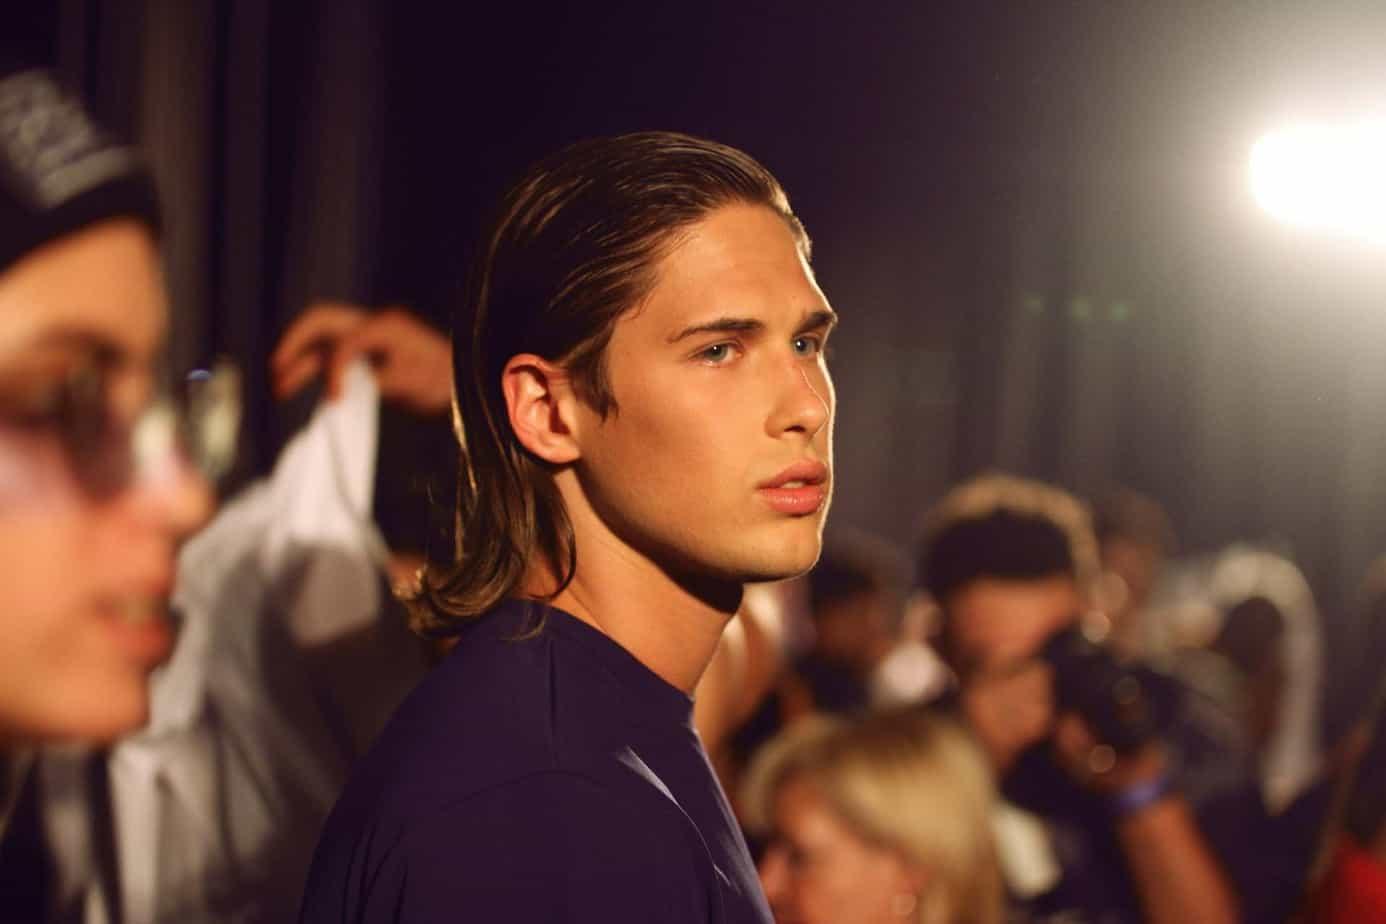 באמוס סקוור, שבוע האופנה תל אביב 2019. צילום עומר רביבי - 10